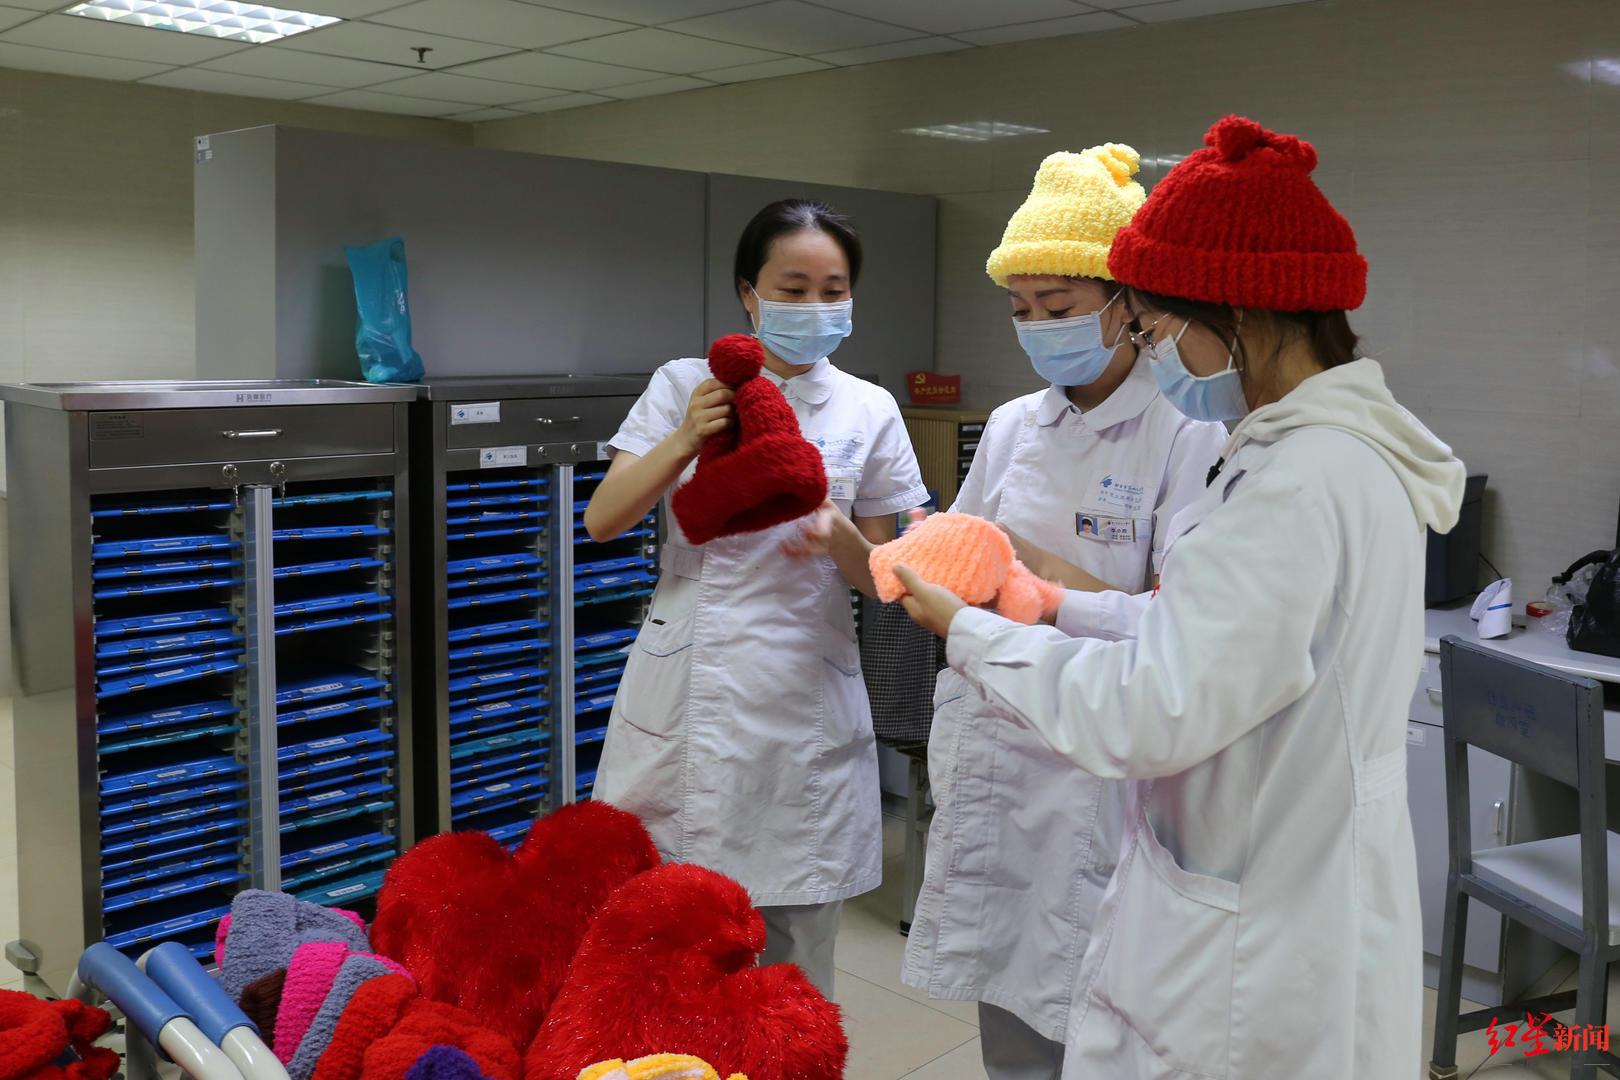 好暖!81岁婆婆花大半年时间织50顶帽、写50封信送给科室医务人员